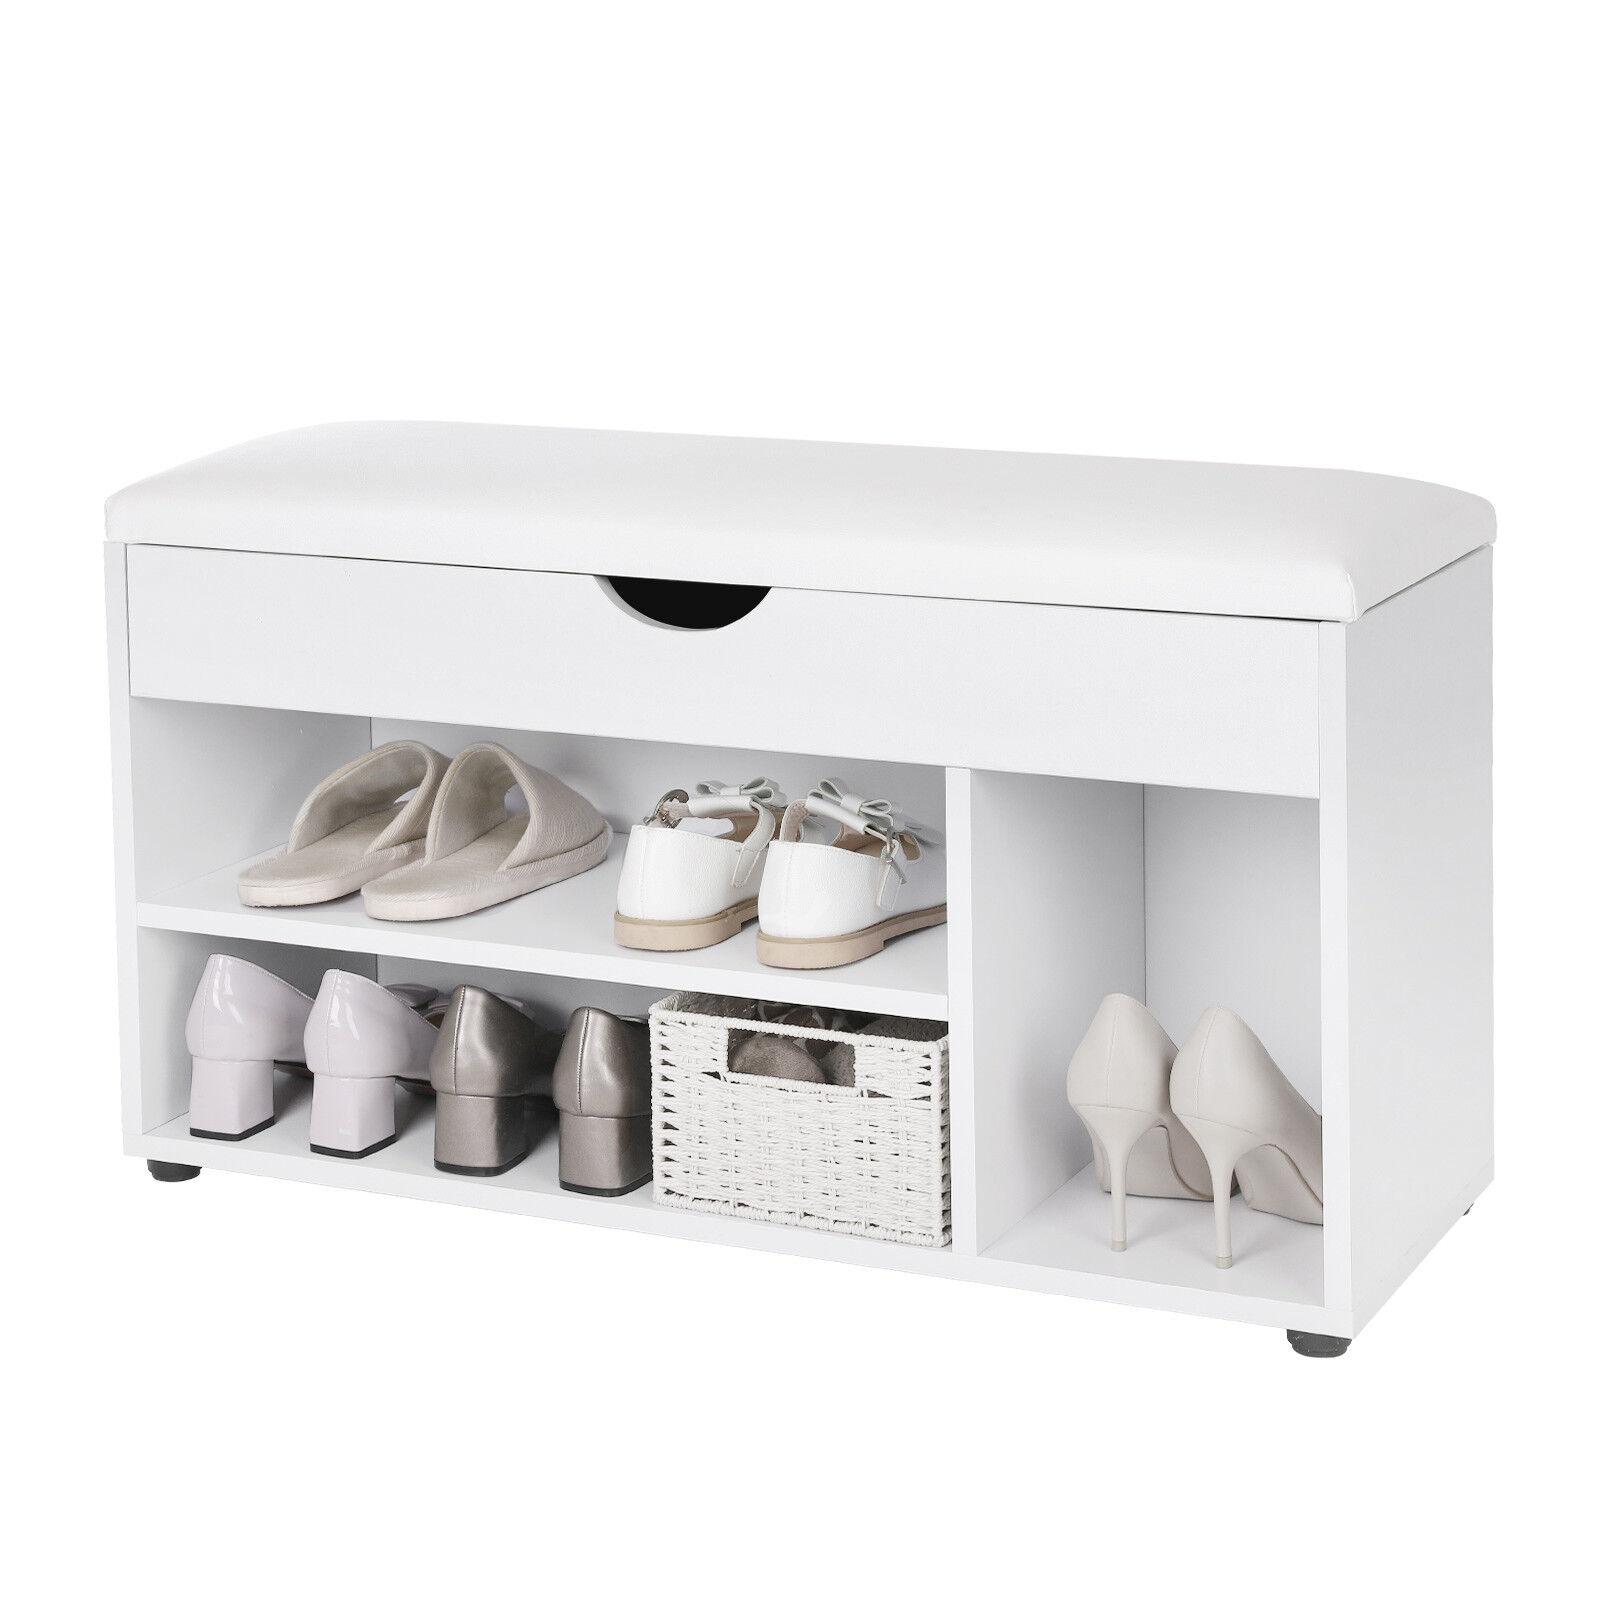 schuhregal mit bank test vergleich schuhregal mit bank g nstig kaufen. Black Bedroom Furniture Sets. Home Design Ideas